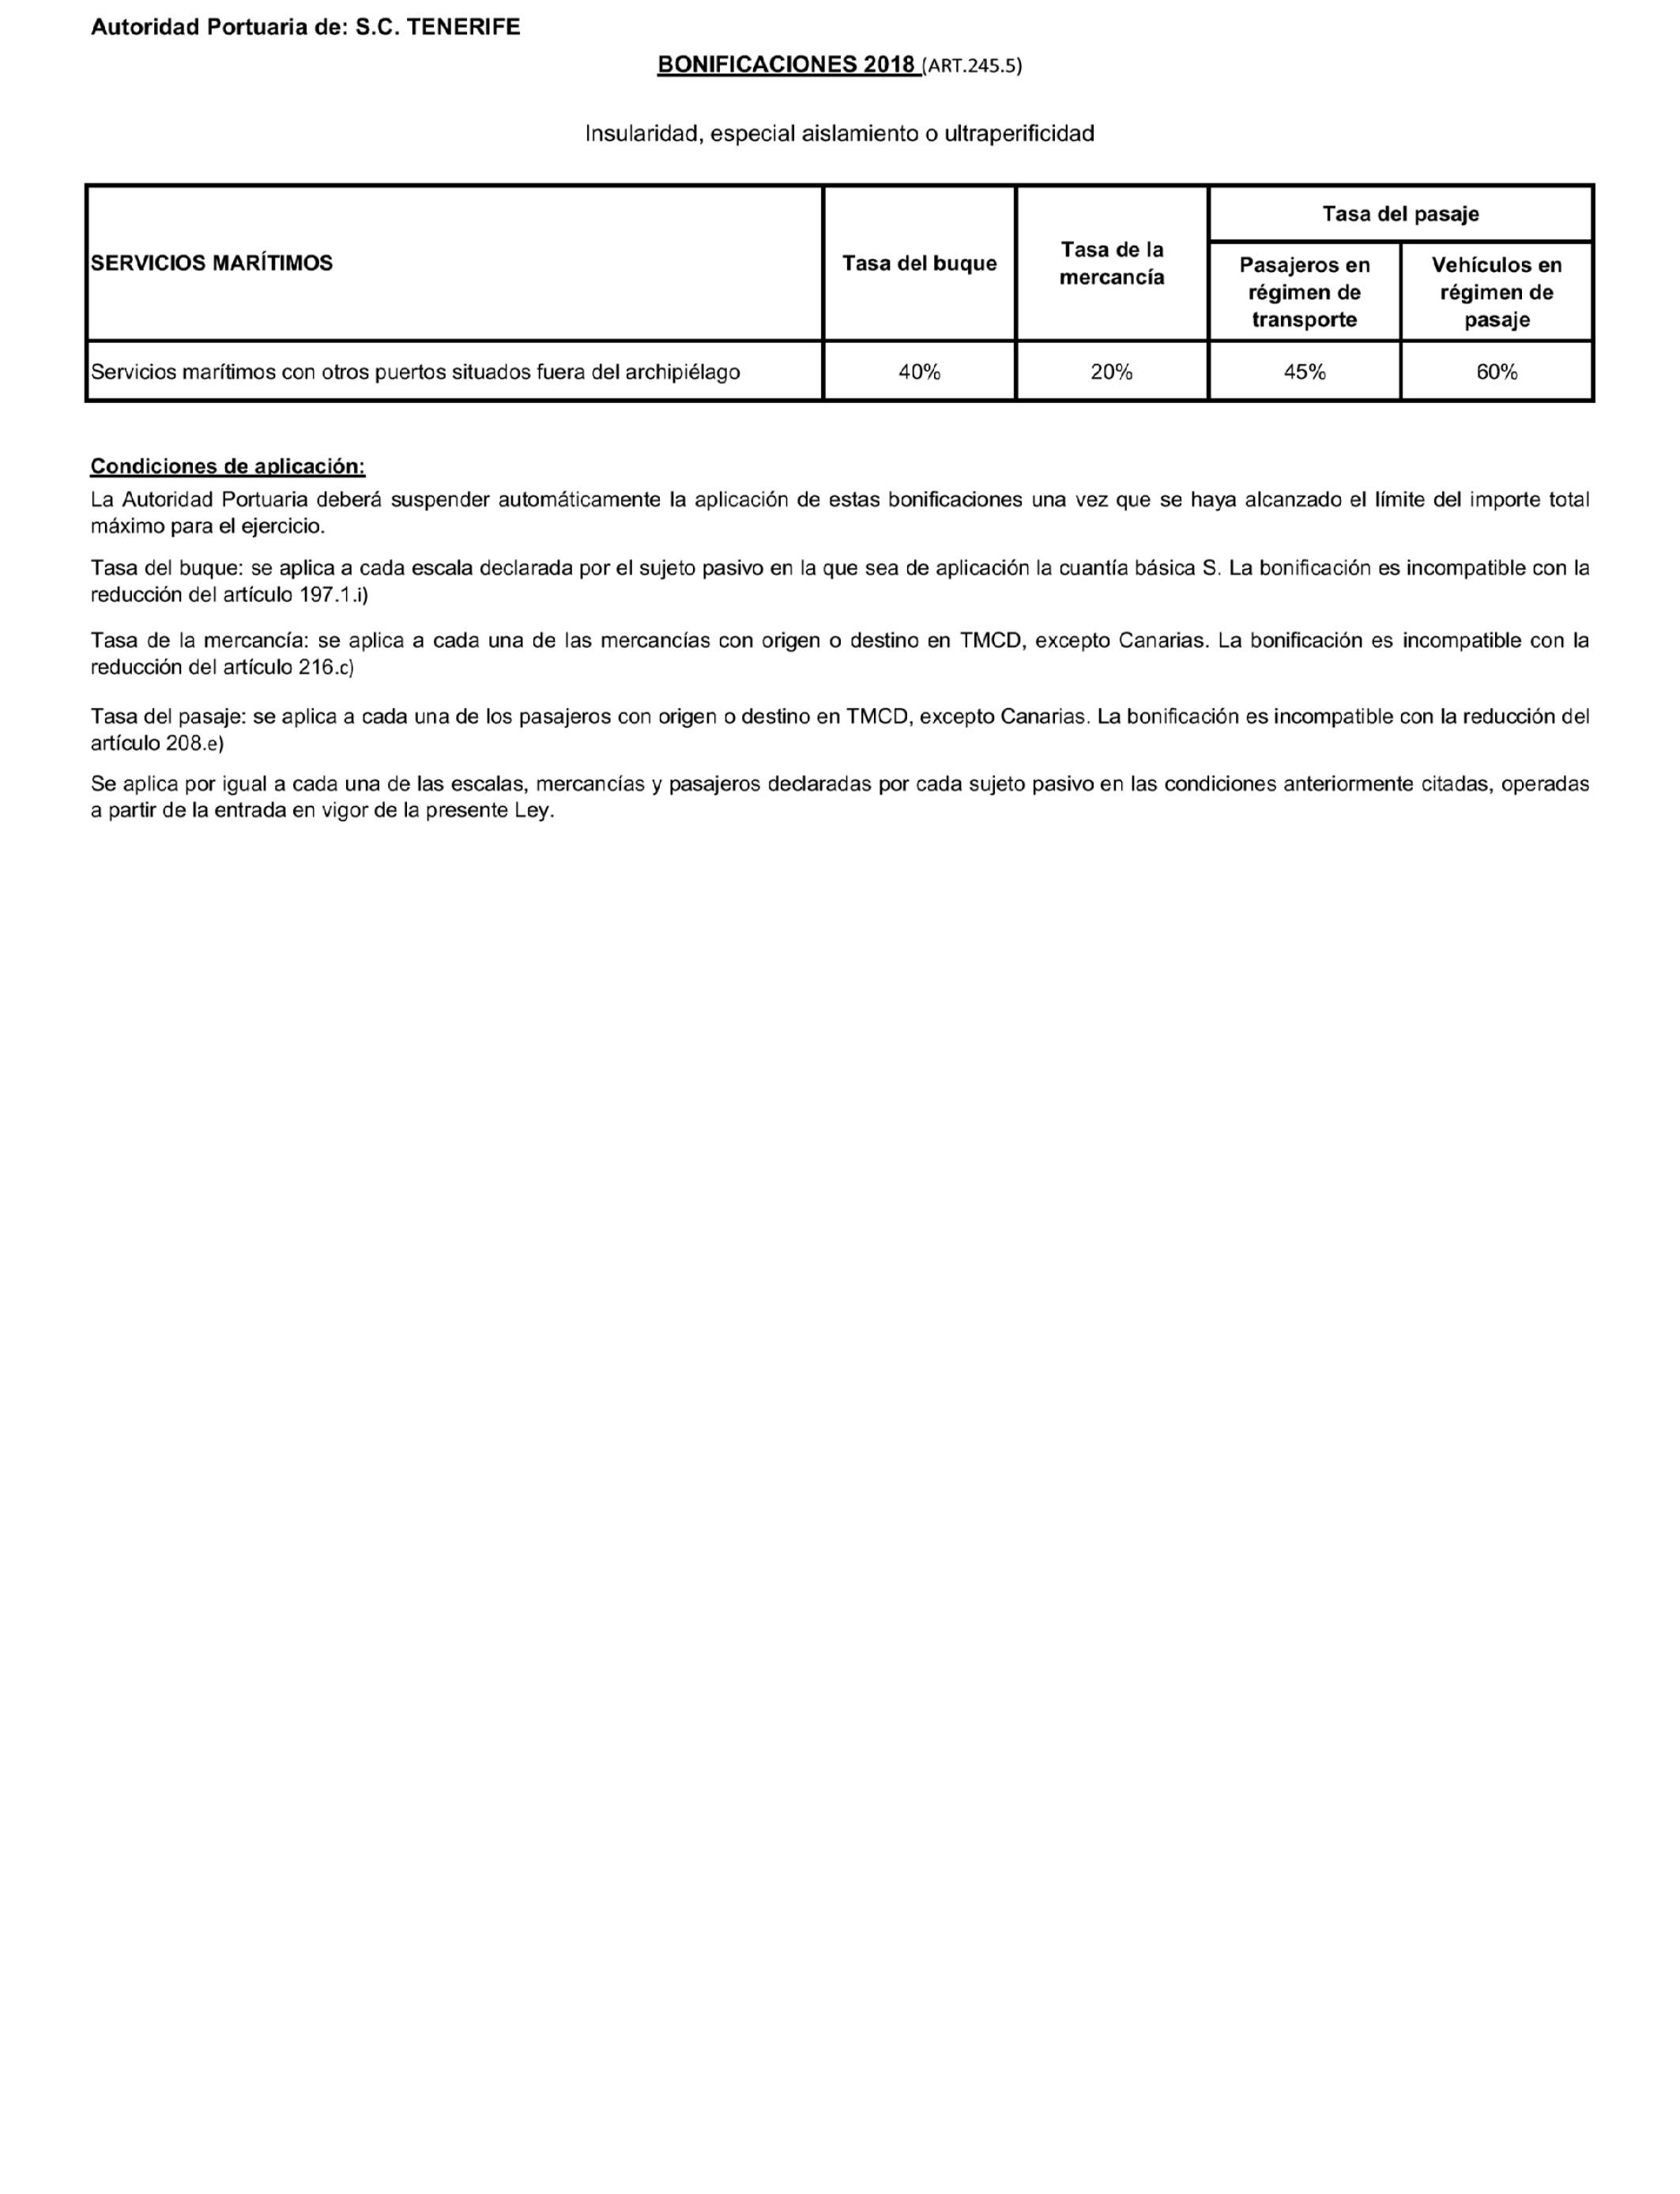 Calendar 2019 Con Semanas Cotizadas En Más Recientes Boe Documento Consolidado Boe A 2018 9268 Of Calendar 2019 Con Semanas Cotizadas En Más Recientes Peri³dico Abc 6 De Febrero De 2019 Pages 1 16 Text Version